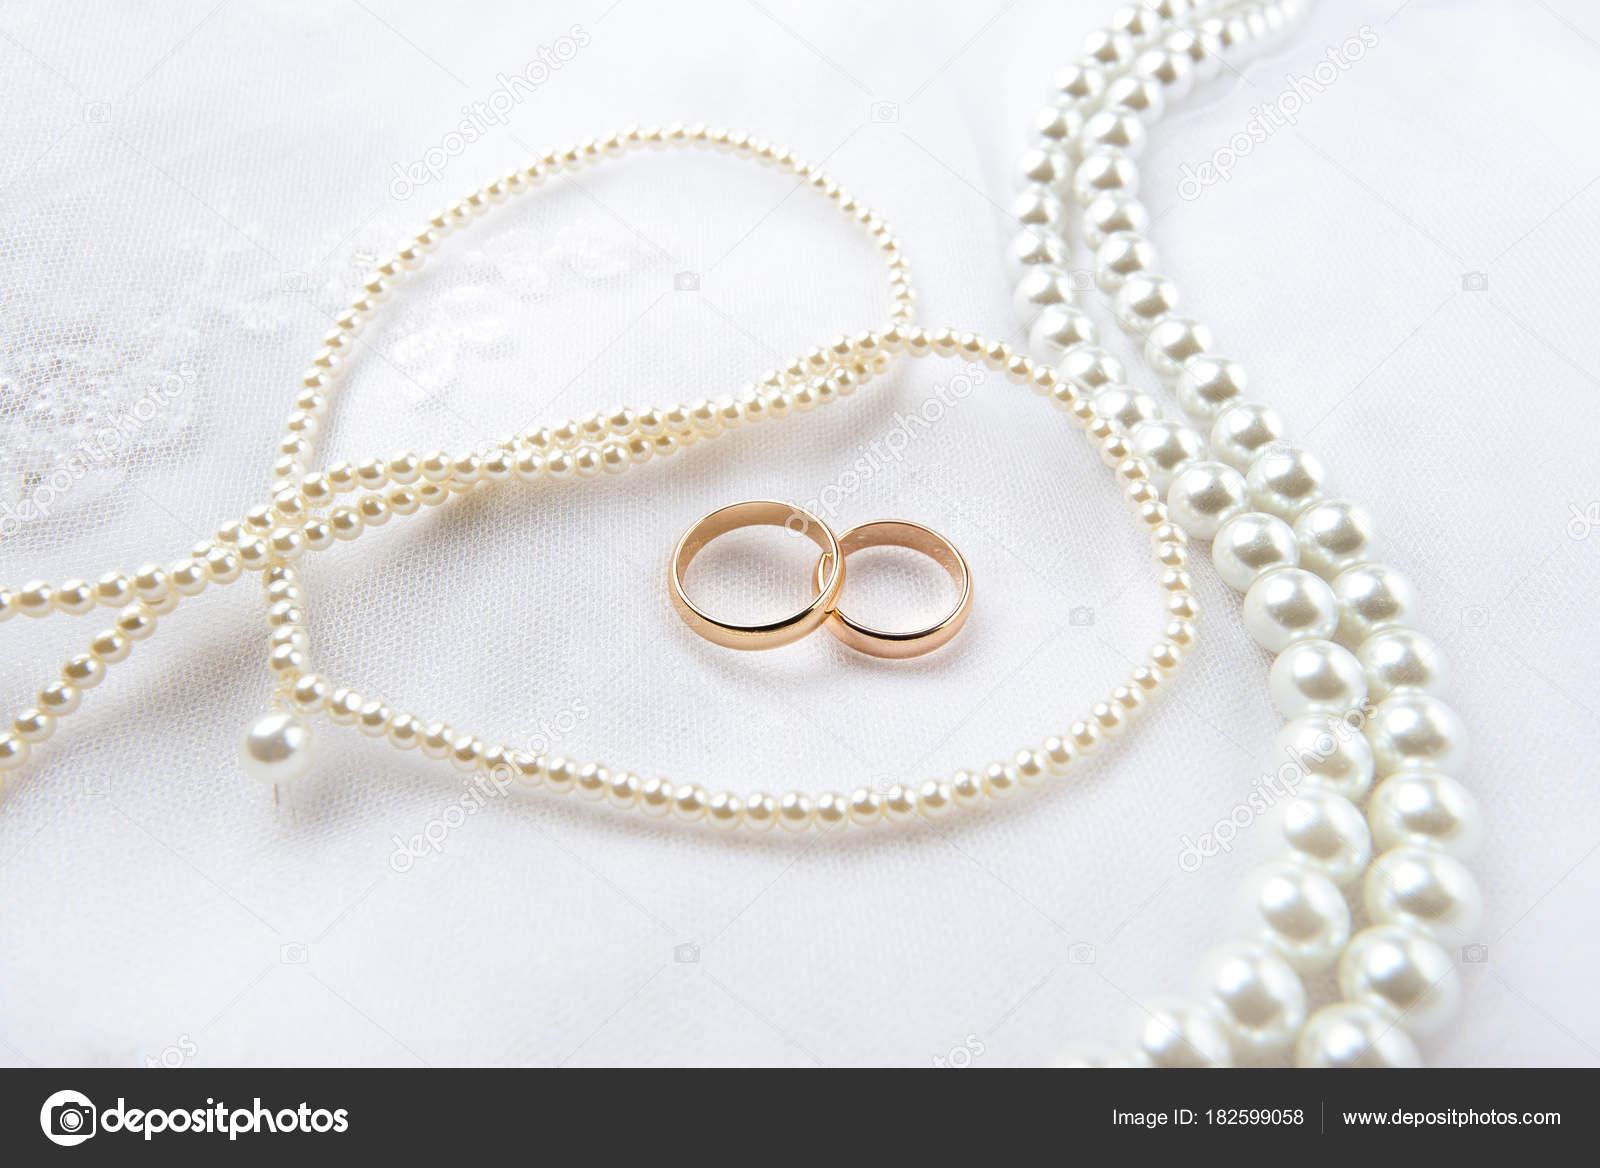 Gold Trauringe Liegen Auf Einer Hochzeitskleid Vor Dem Hintergrund ...